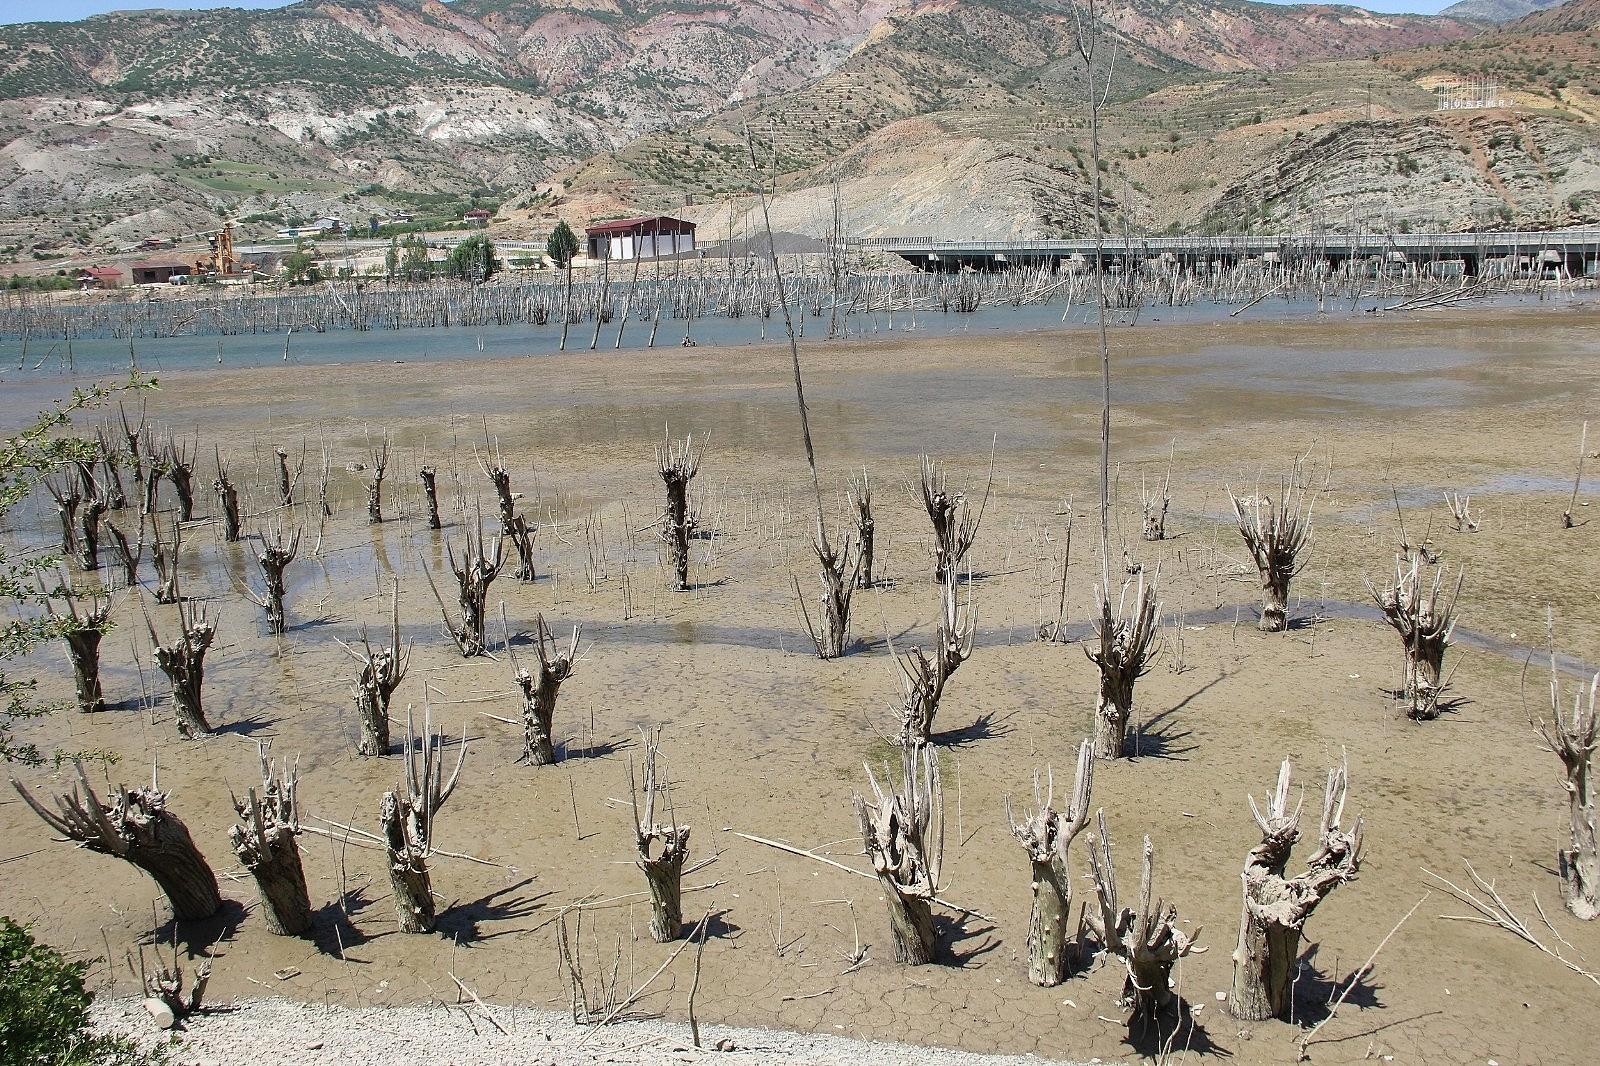 2021/06/suyu-cekilen-barajda-ilginc-goruntuler-olustu-20210601AW33-3.jpg